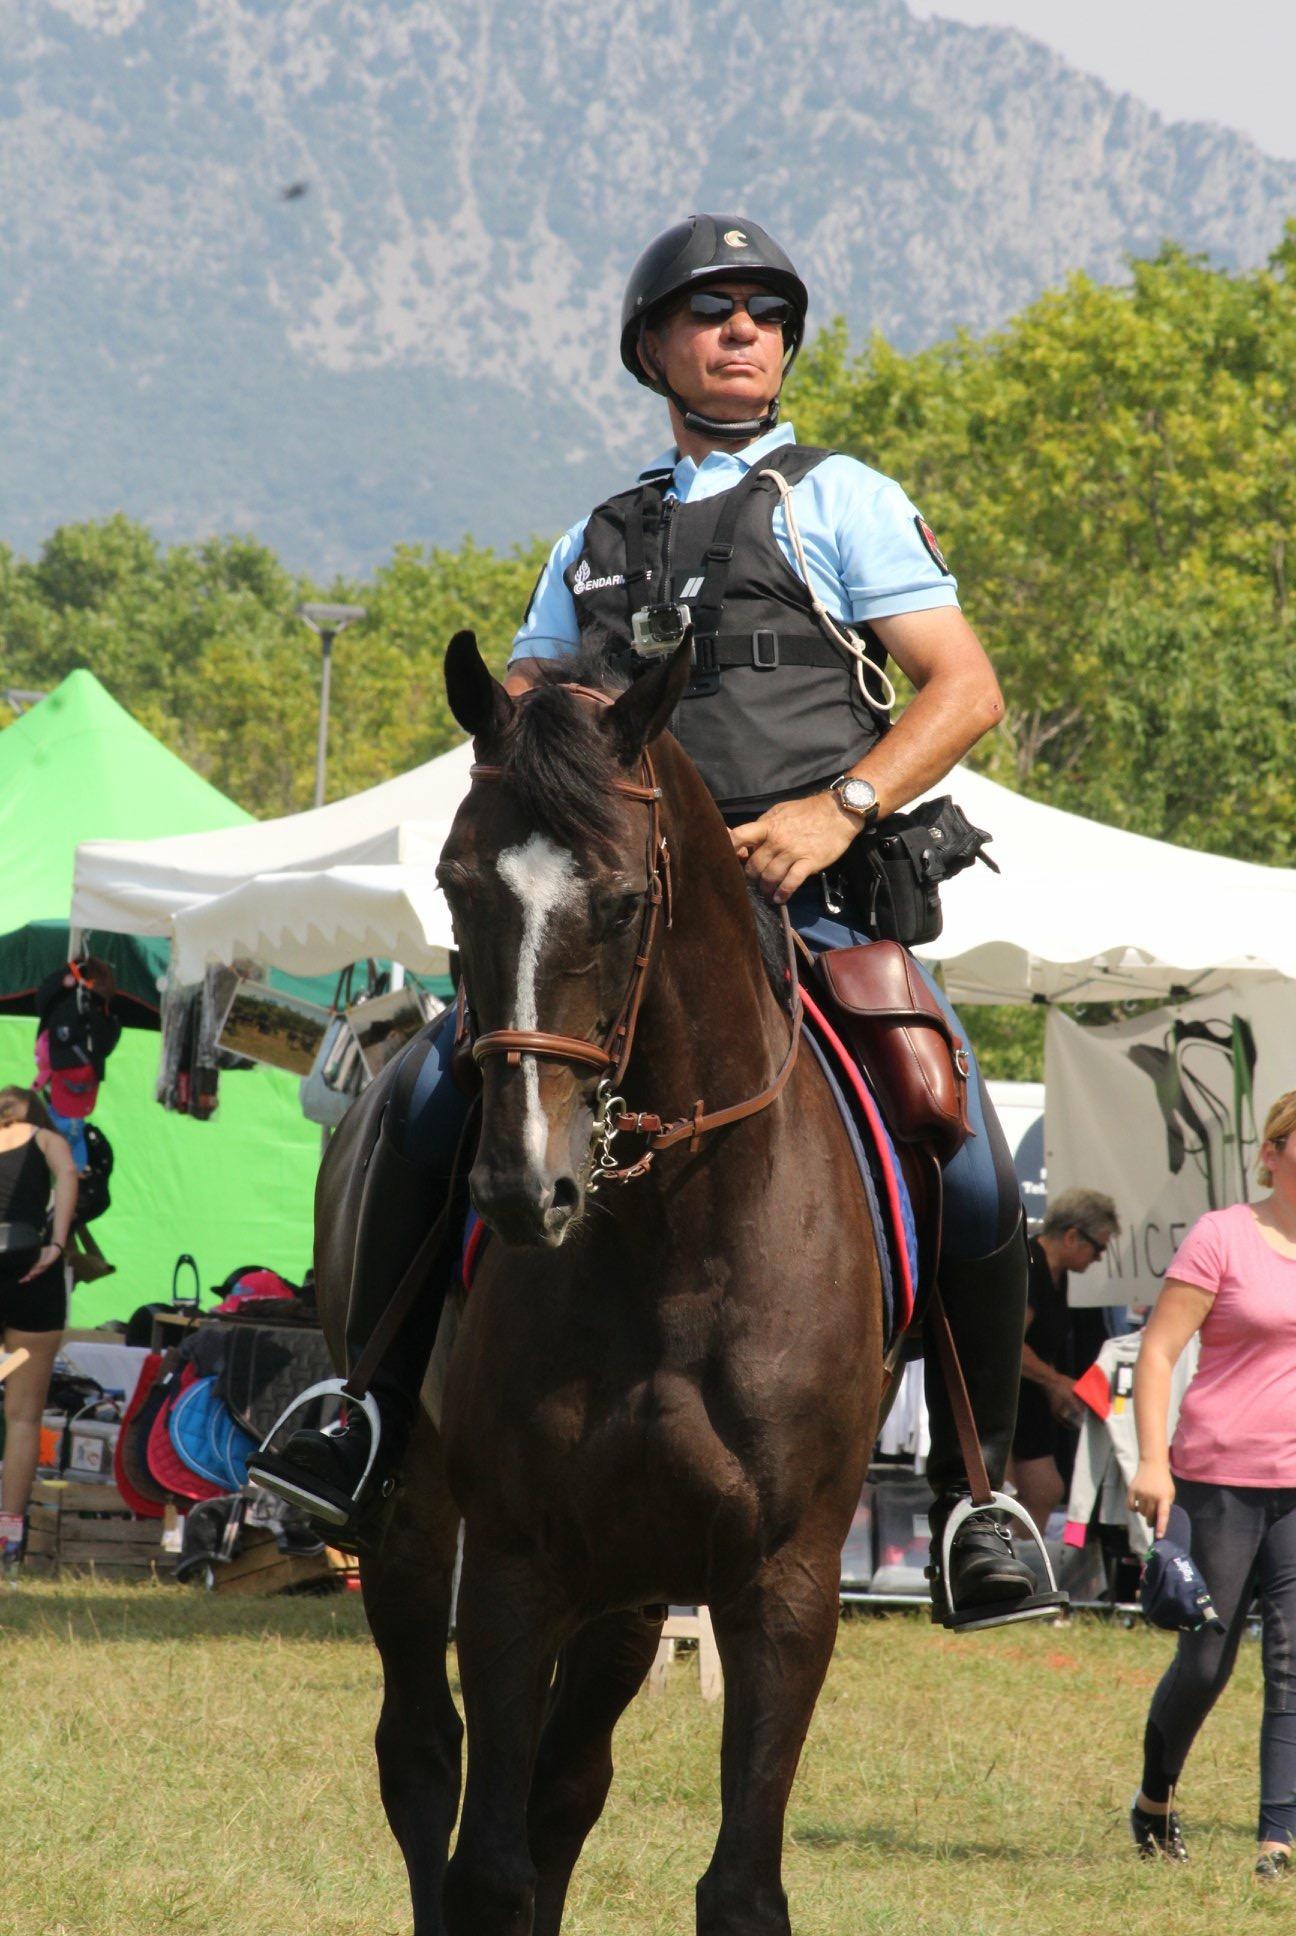 Fête du cheval à Levens-aucop-evenement-fete du cheval-levens-sonorisation-eclairage-location-materiel-audiovisuel-nice-paris-marseille-amsl equitation